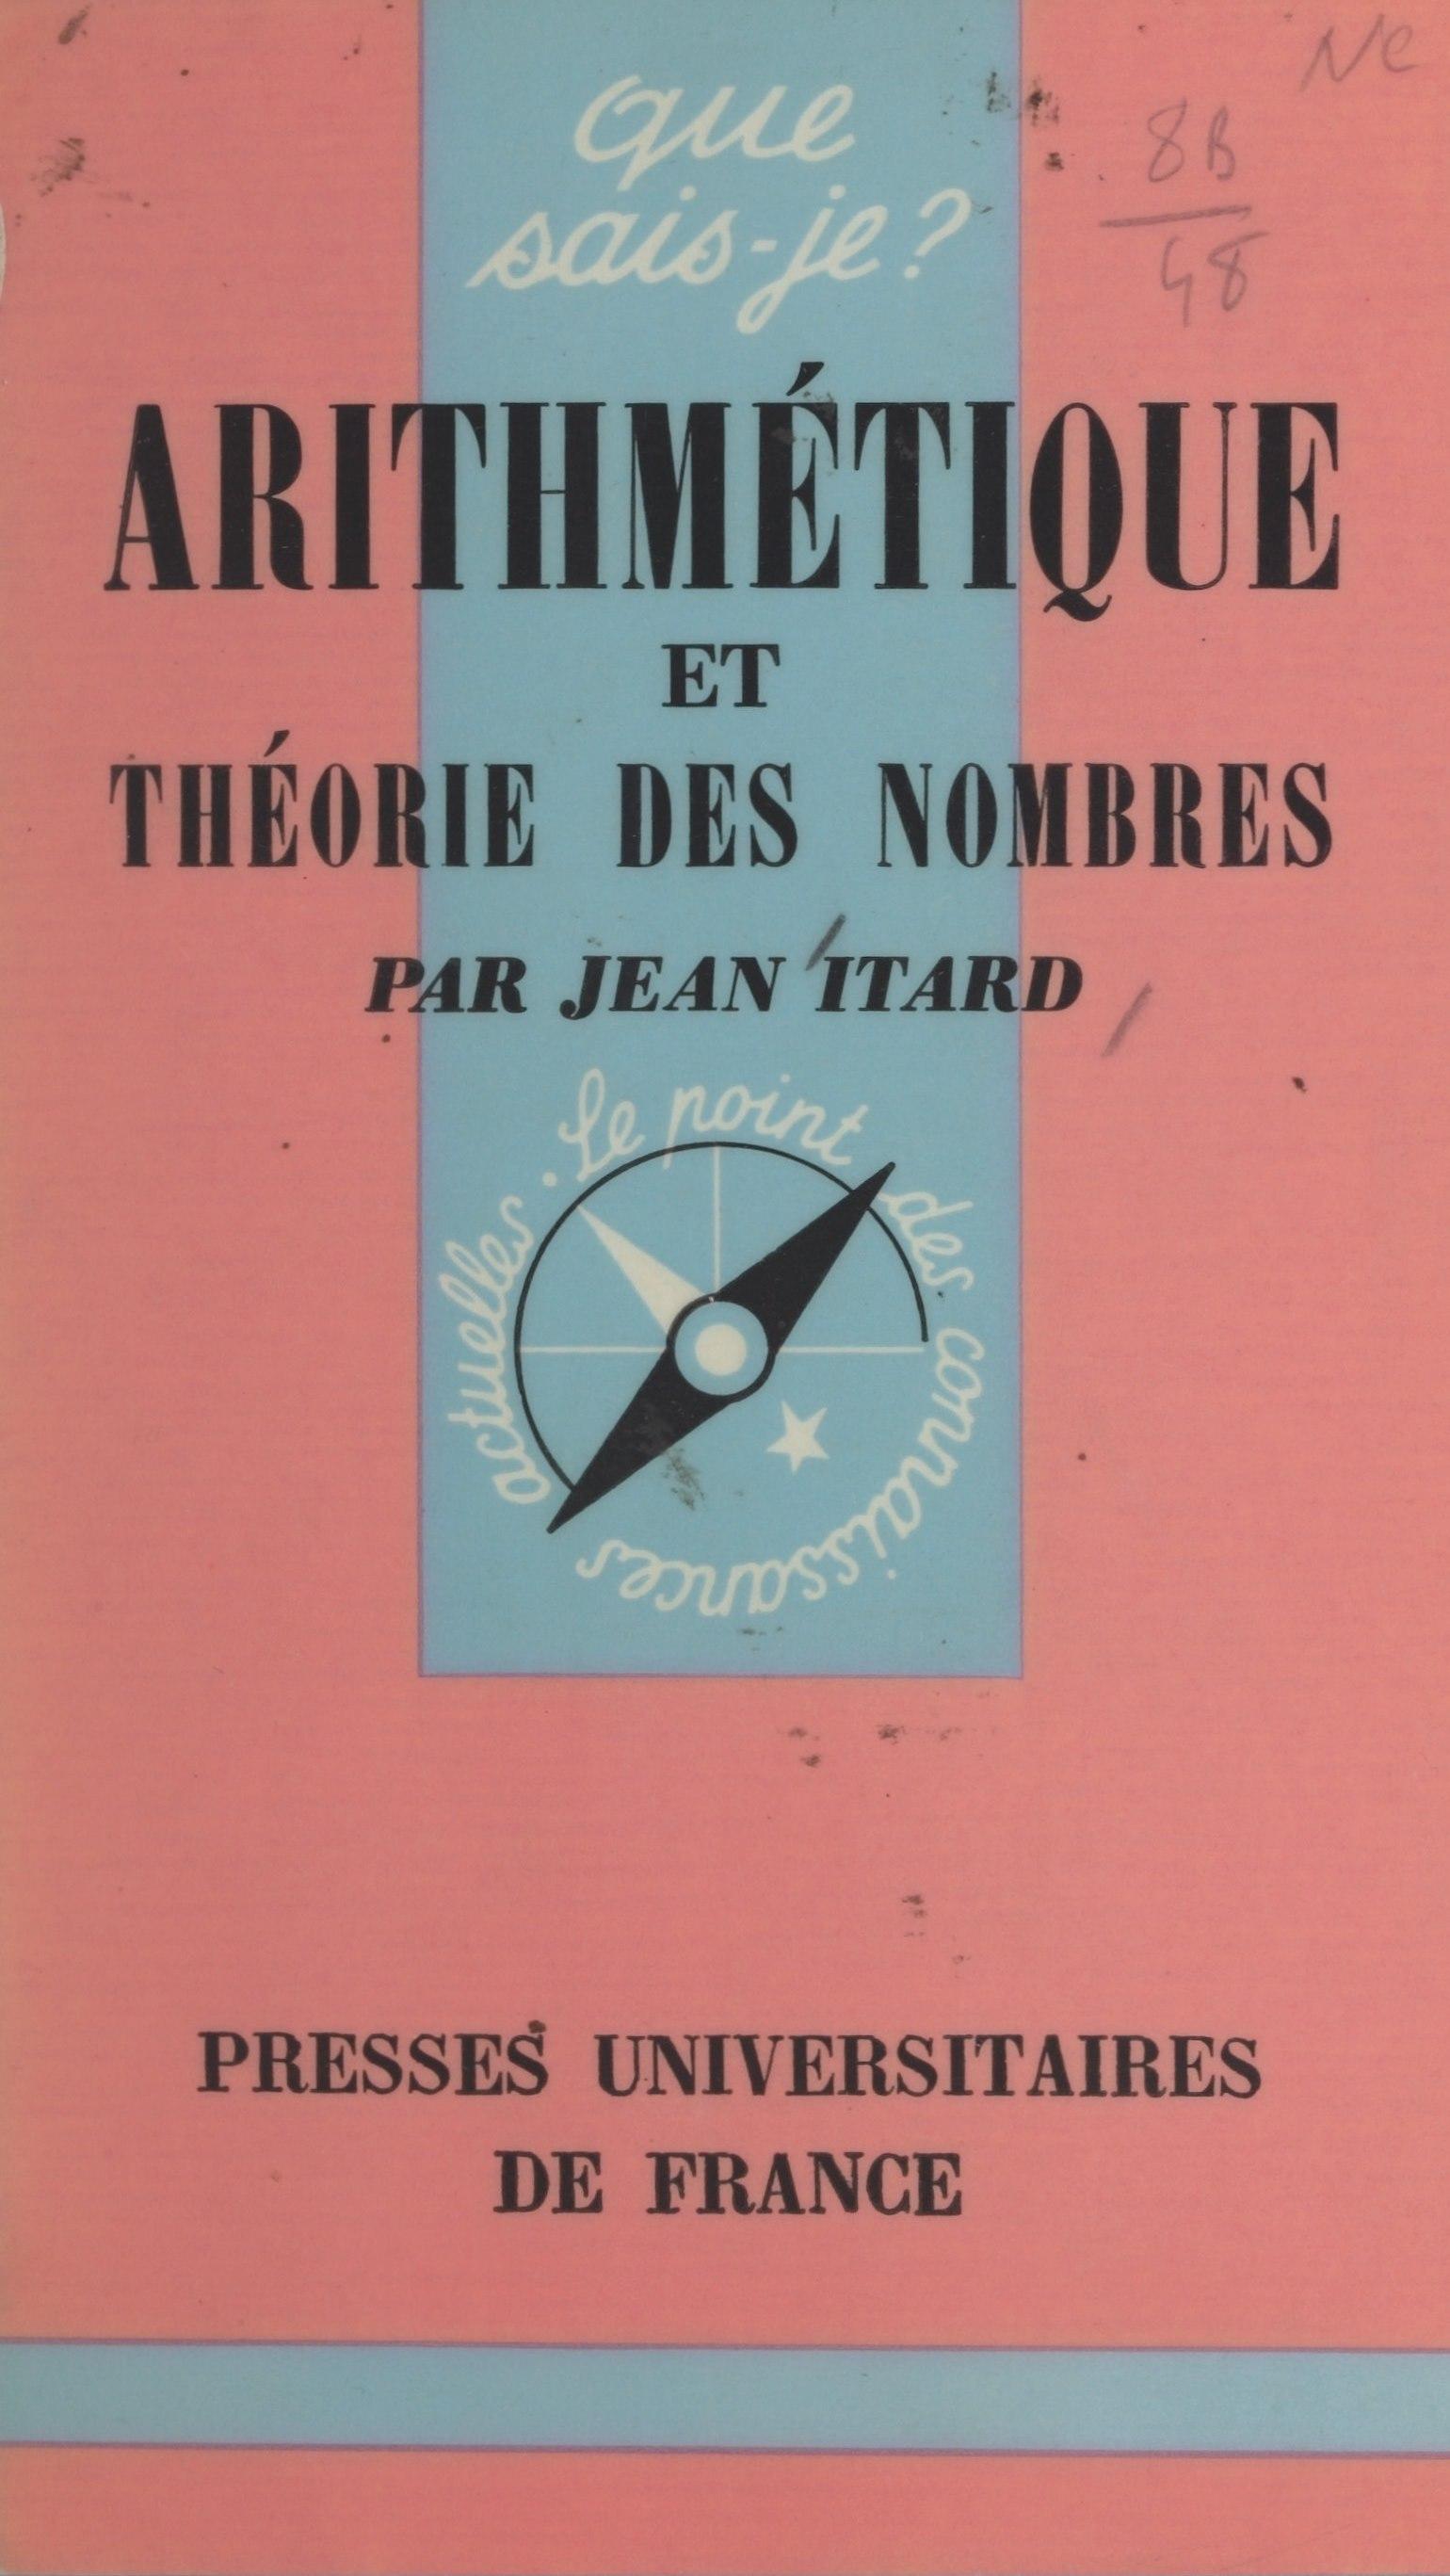 Arithmétique et théorie des nombres